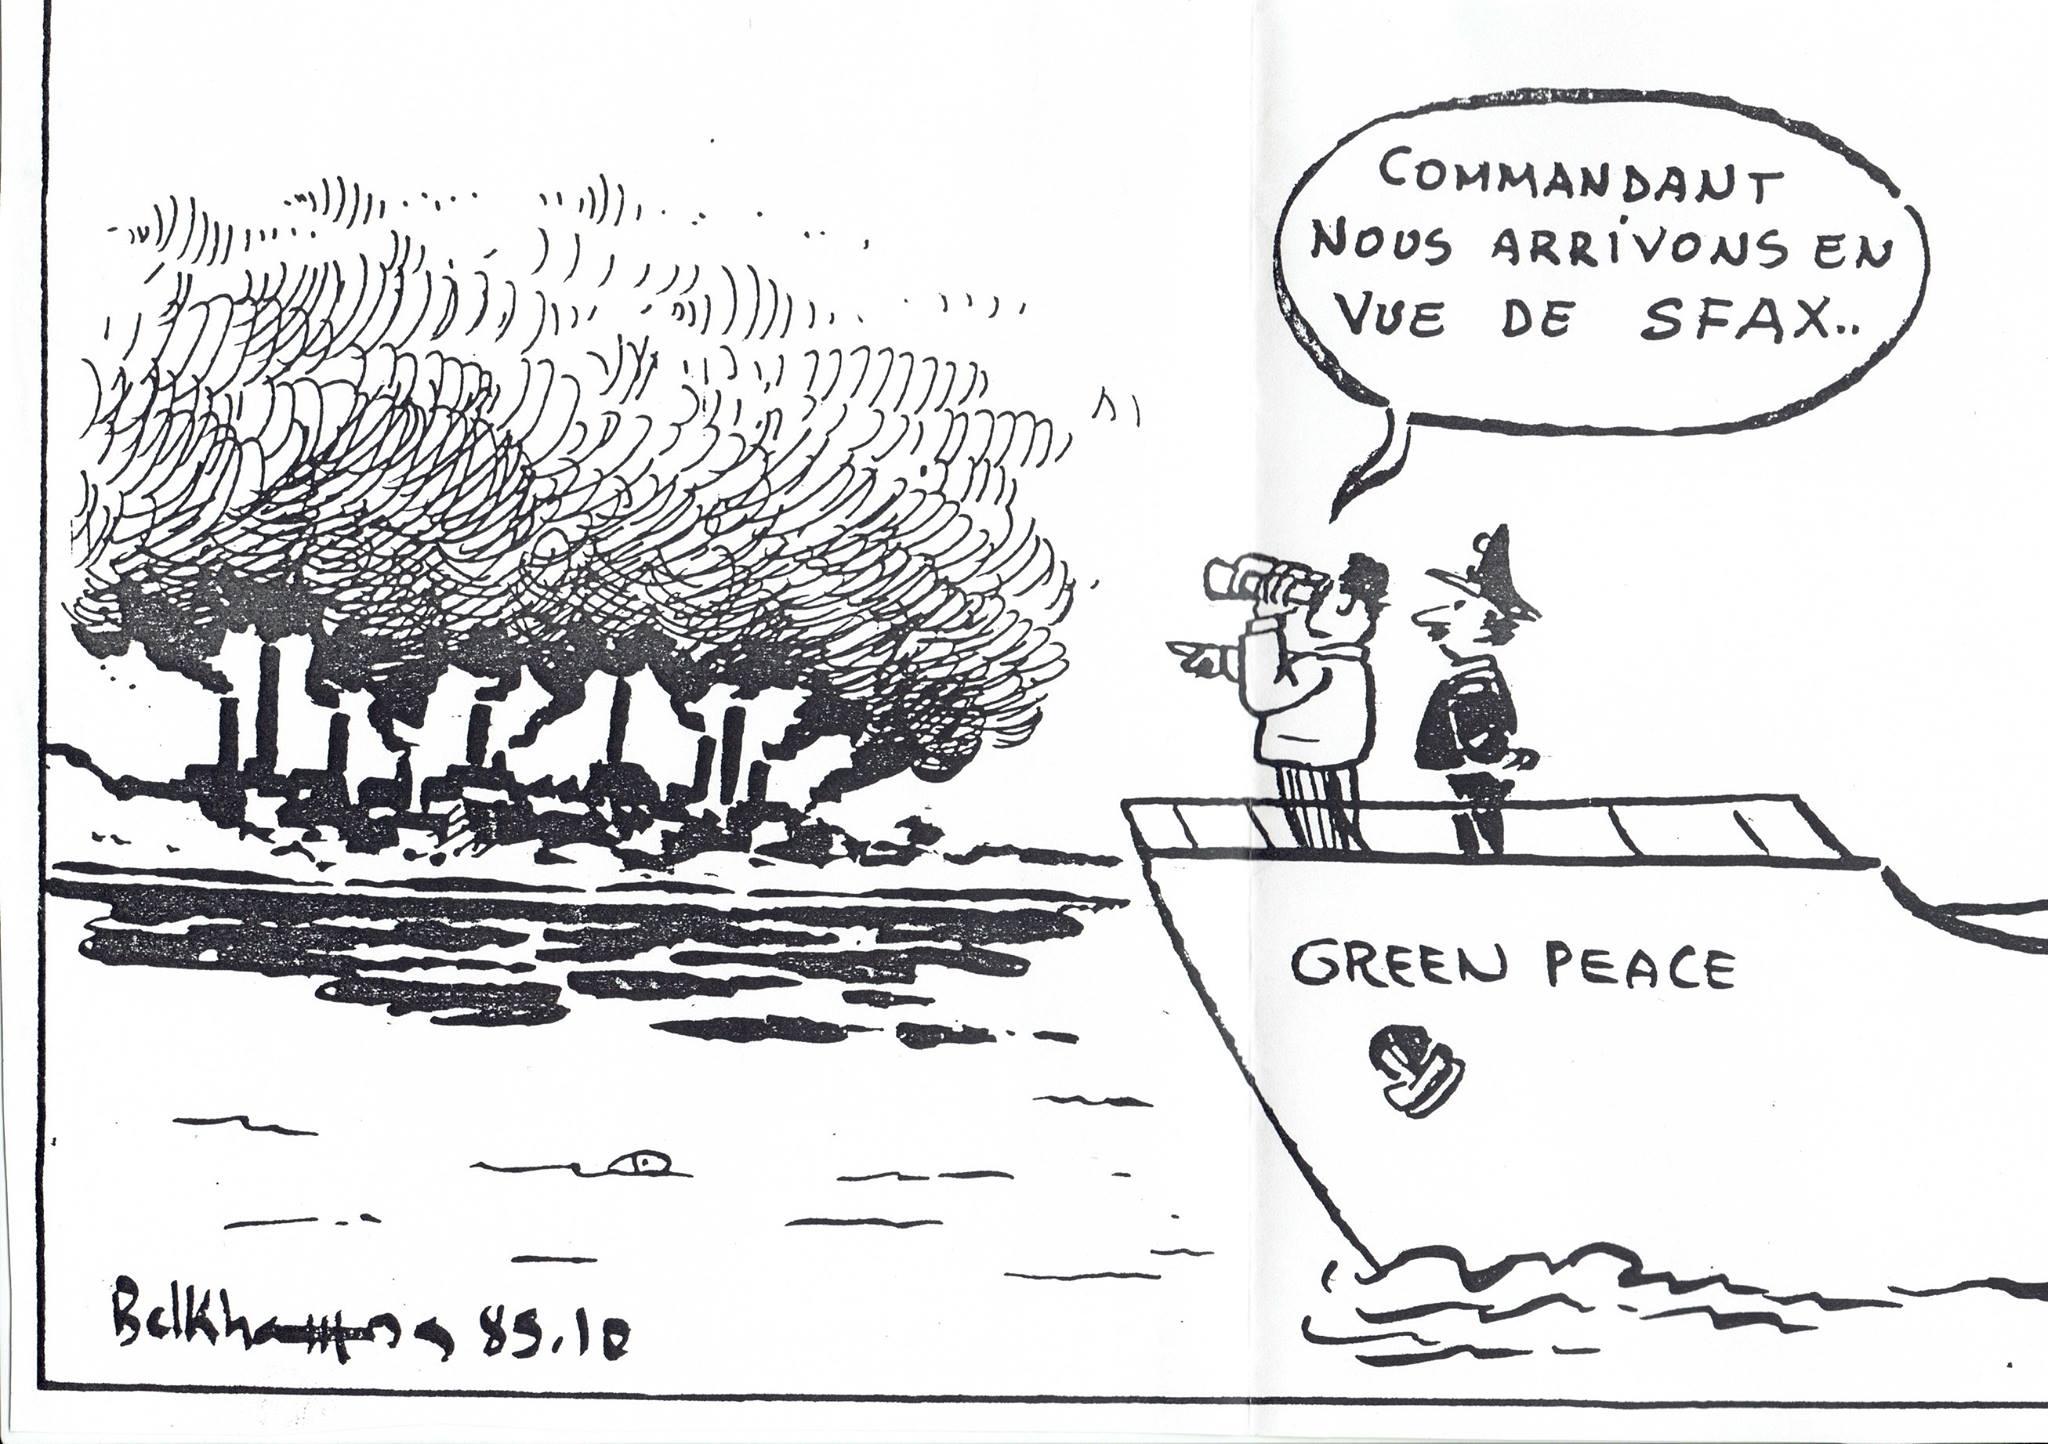 سنة 1985 : كاريكاتير عن التلوث في صفاقس رسمه الفنان الشاذلي بلخامسة